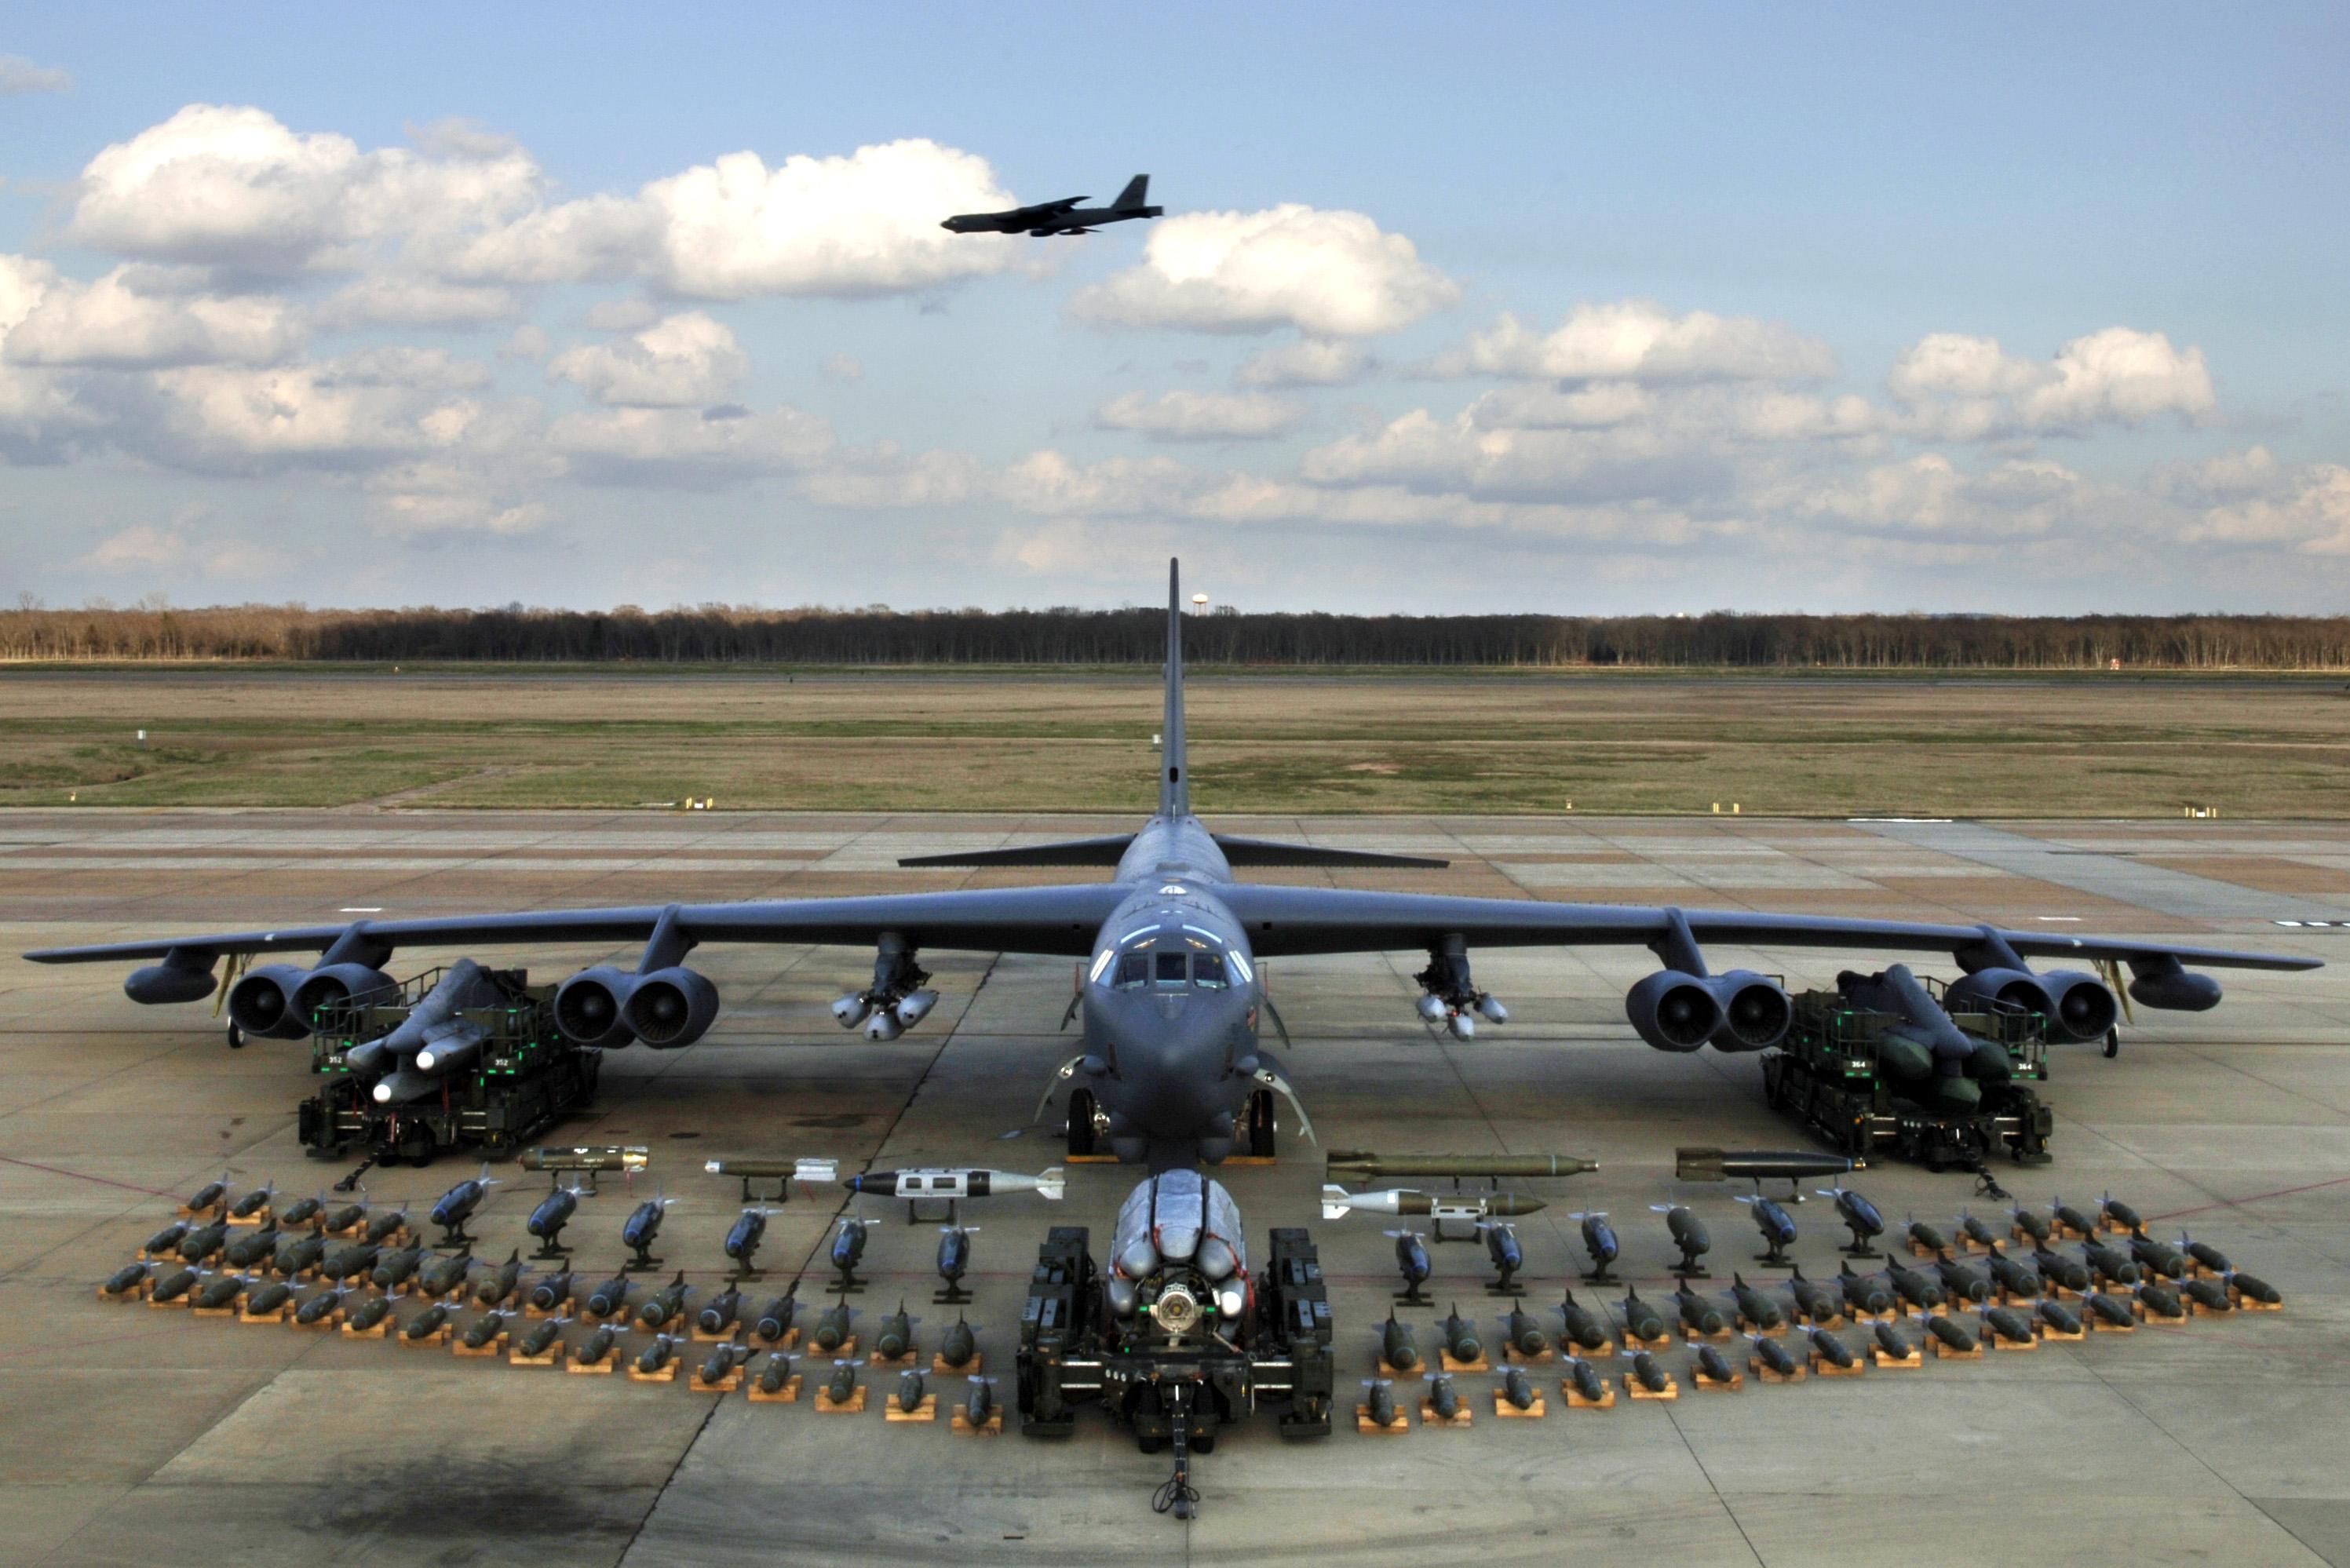 США и Украина совершат наблюдательный полет над Россией - Цензор.НЕТ 3124